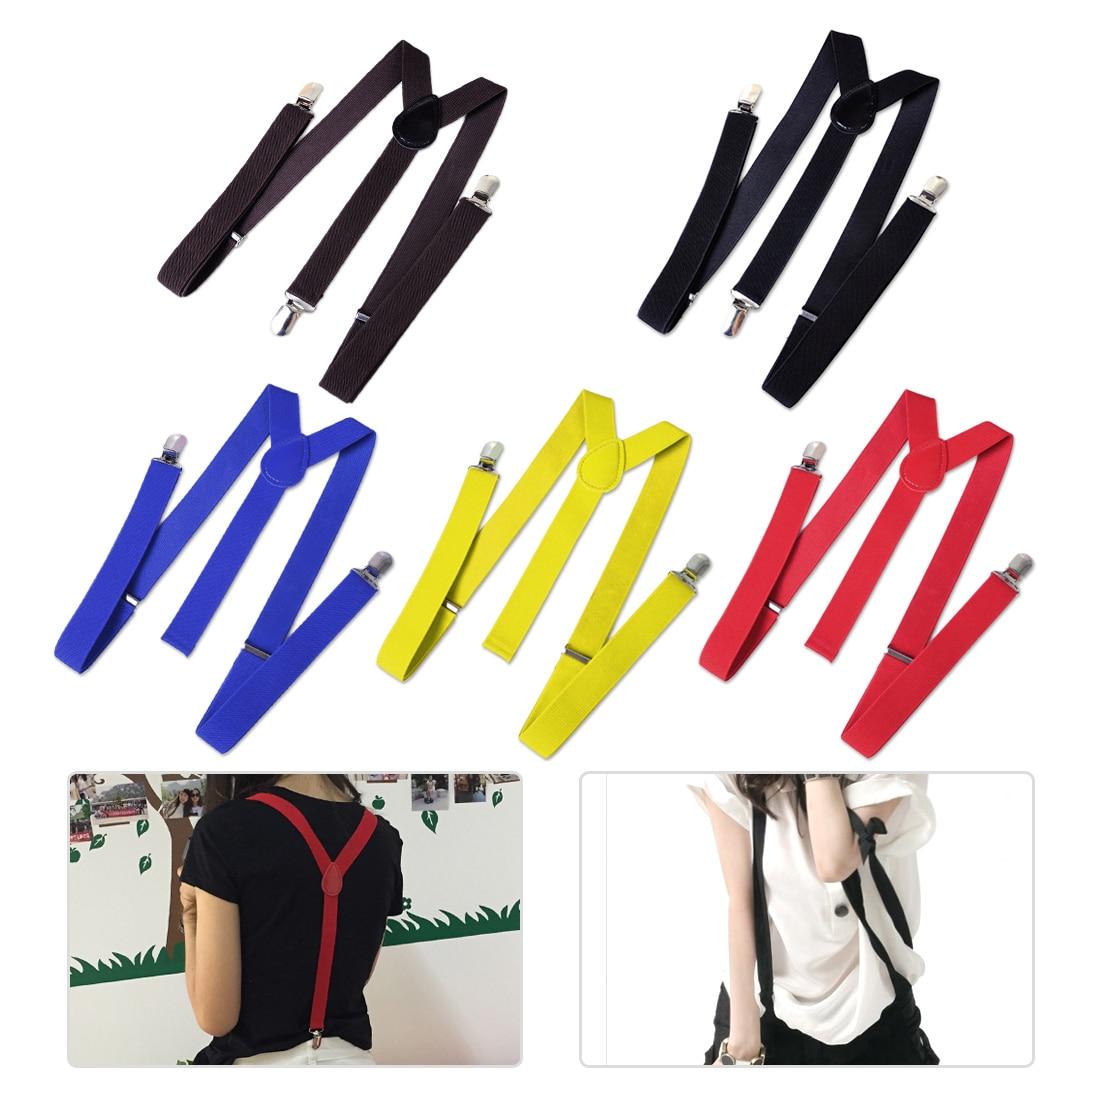 Magas színvonalú férfiak nők diák Unisex 5 színben függő rugalmas csíptető egyszínű nadrág farmer Y-alakú állítható nadrágtartó